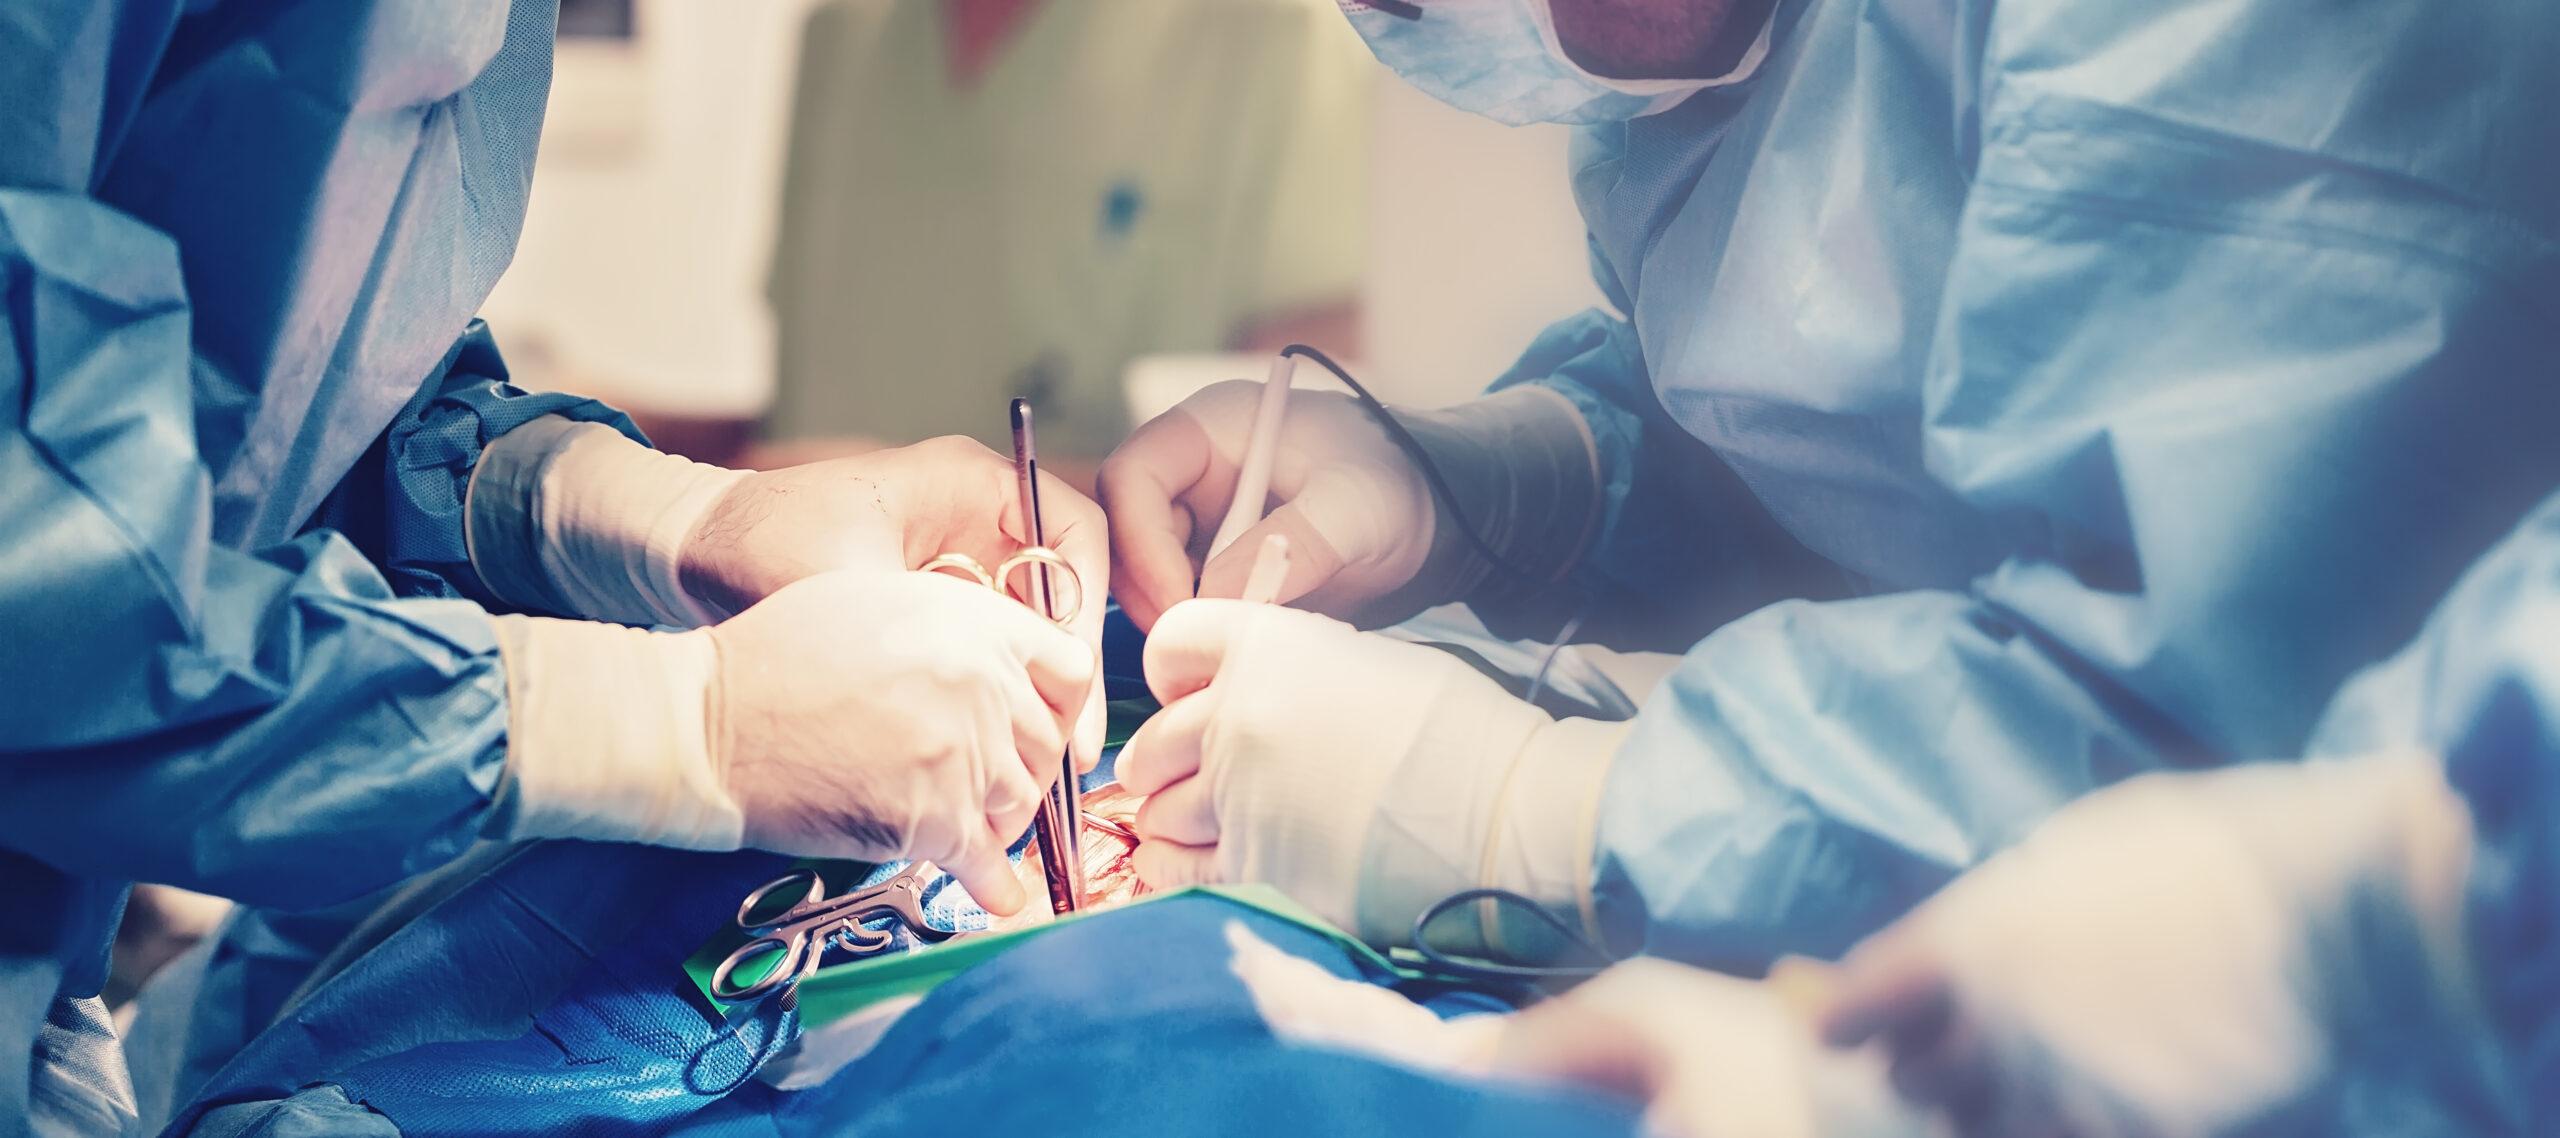 Fachanwalt für Medizinrecht bei Behandlungsfehlern & Aufklärungsfehlern